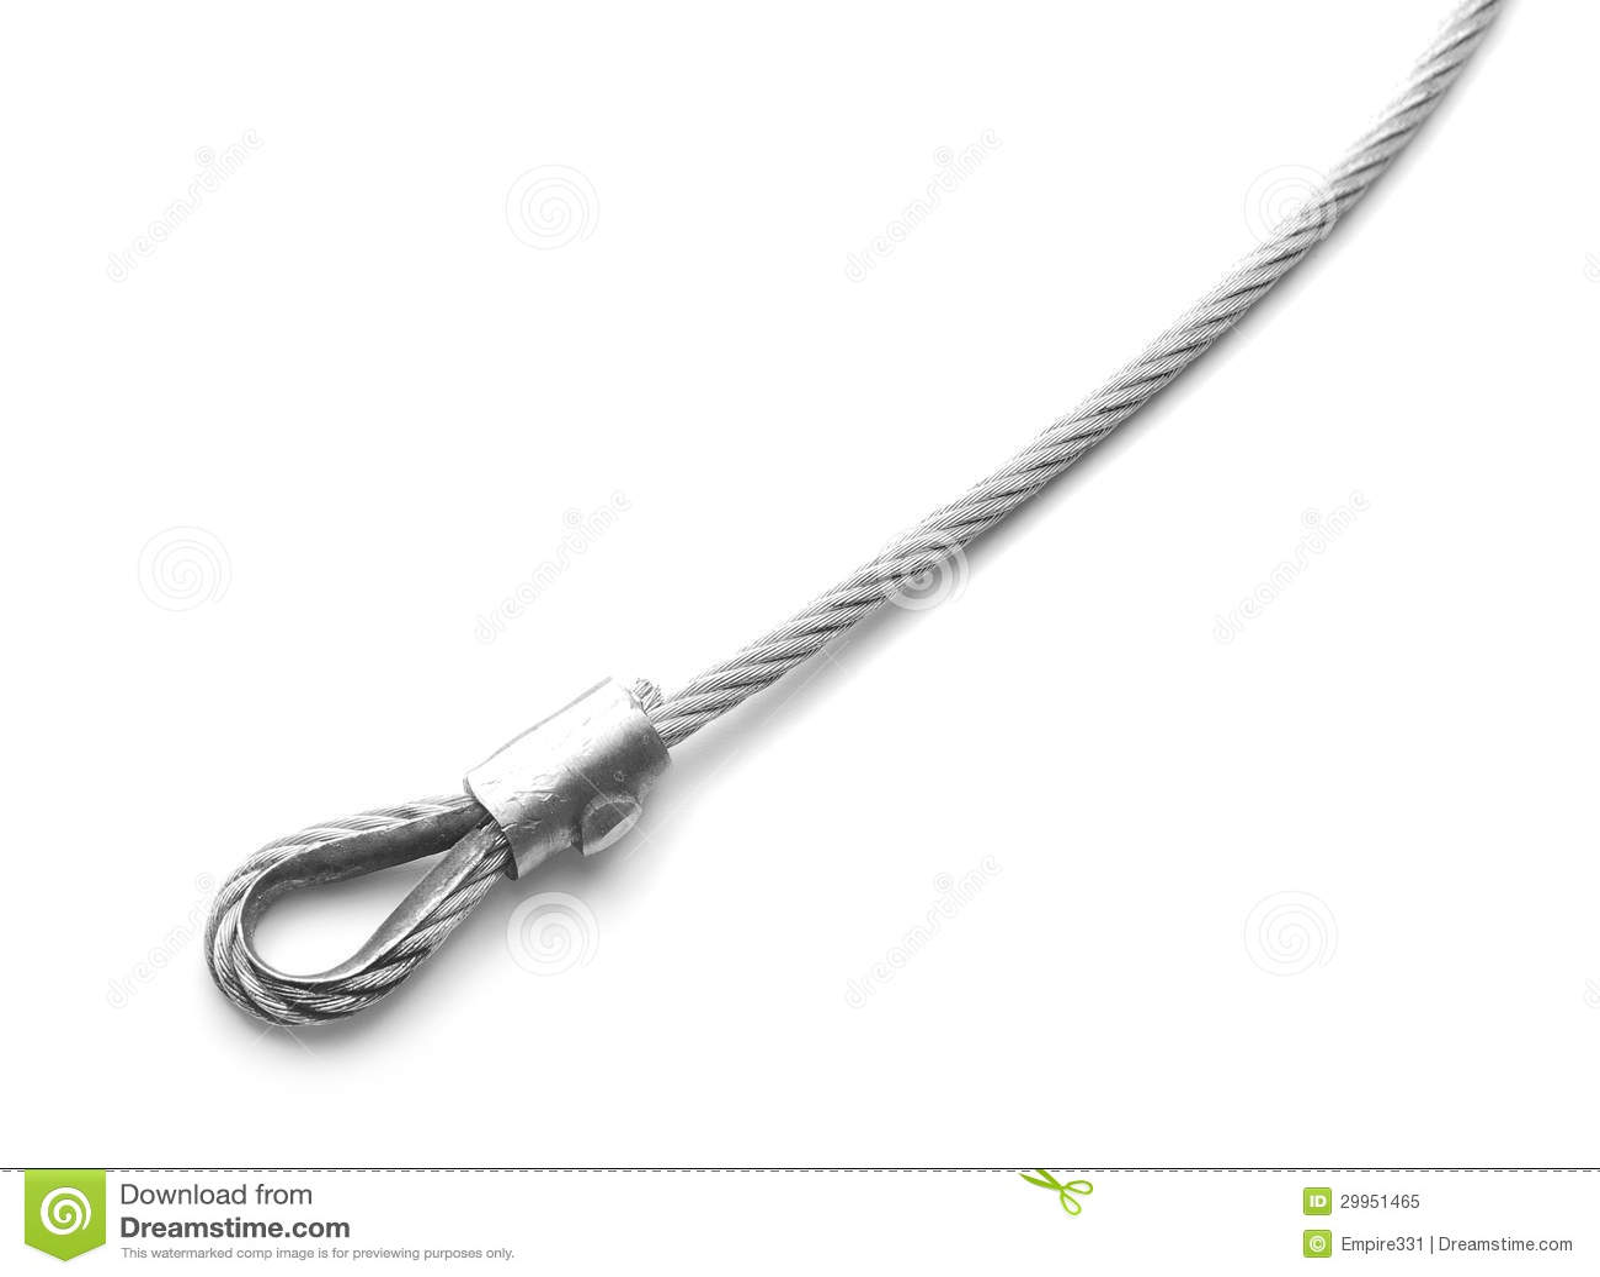 Cable de acero foto de archivo libre de regal as imagen - Cable acero trenzado ...